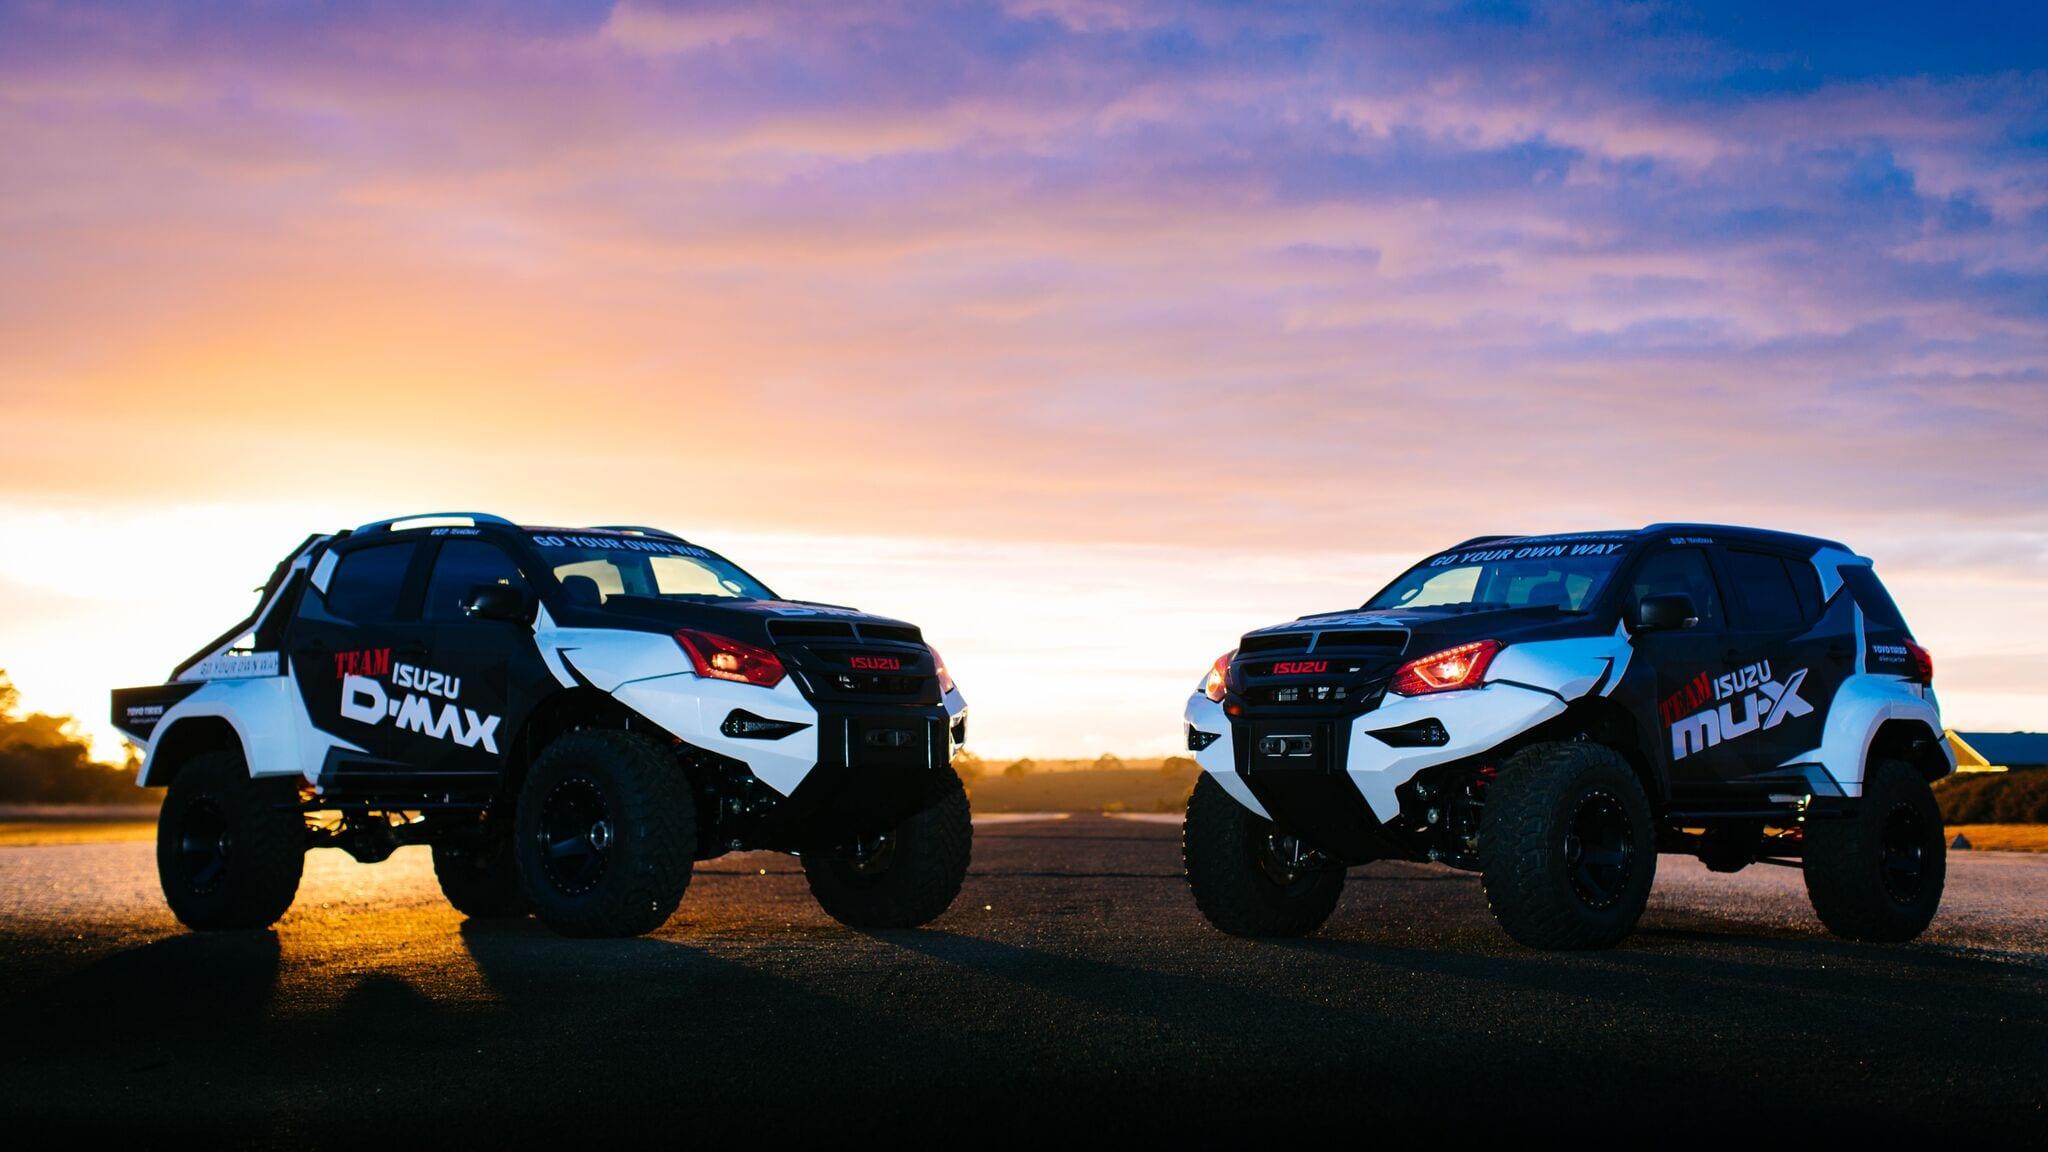 Team Isuzu D-MAX: Concept X duo